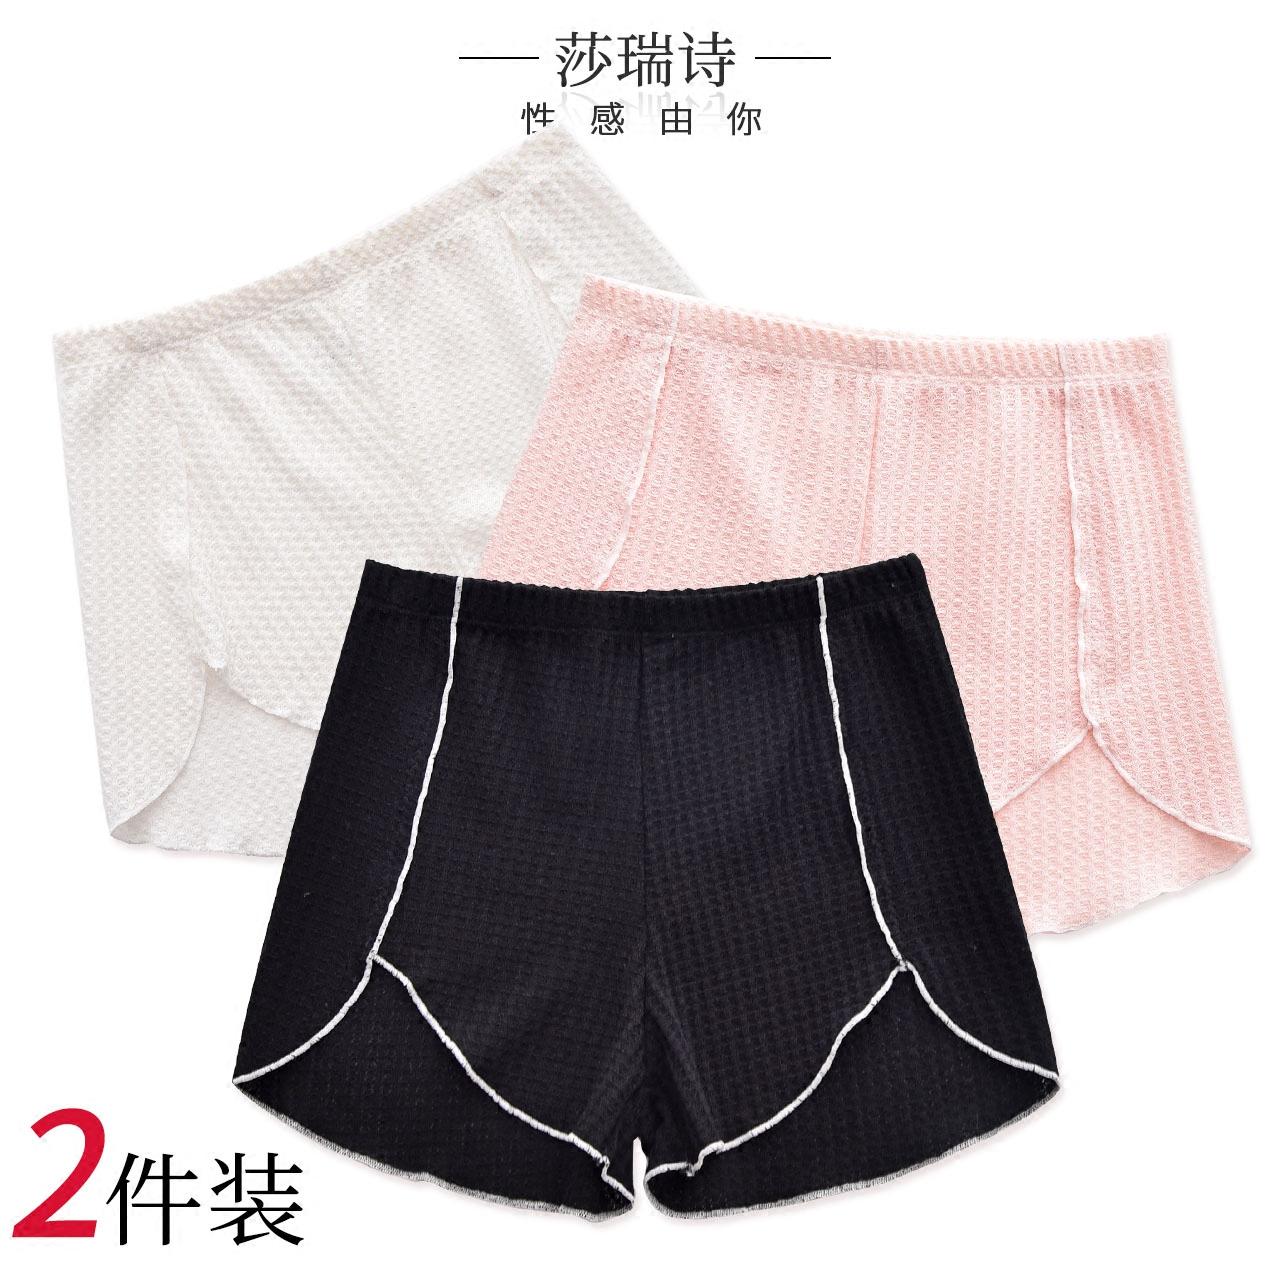 莎瑞诗高腰安全裤白色夏季防走光打底外穿棉质透气保险裤平角内裤